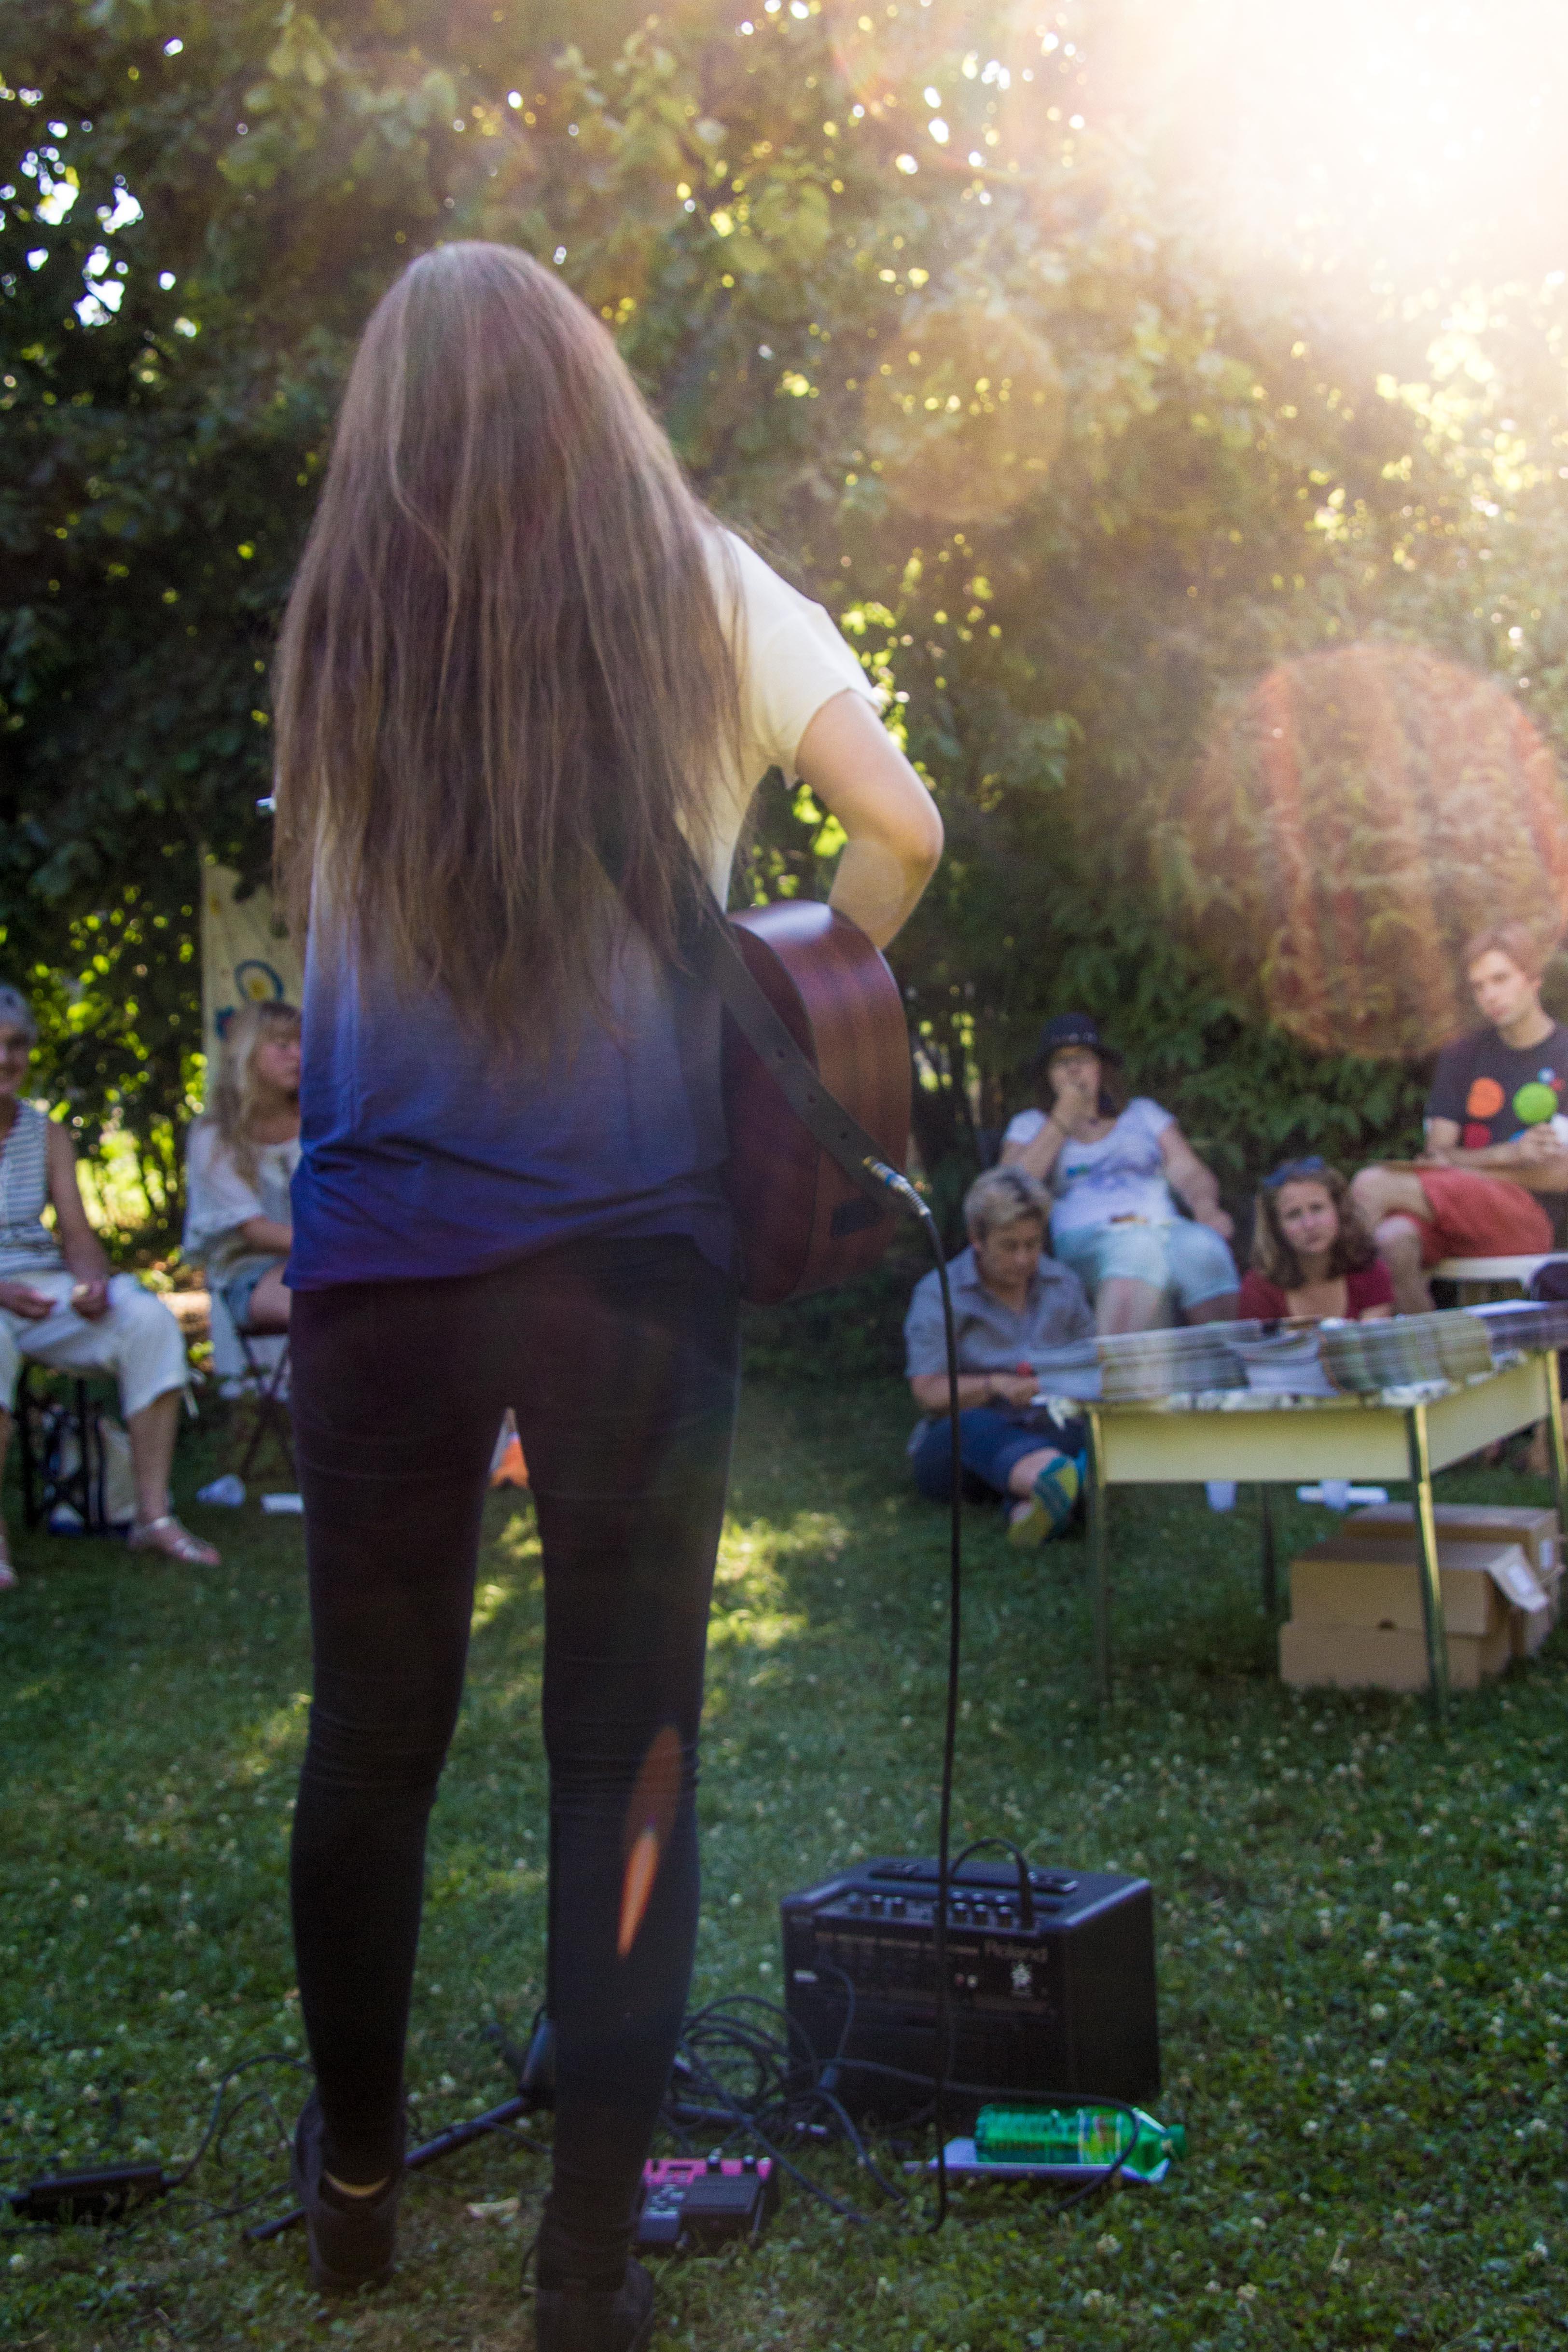 Veronica Fusaro spielt am Schlussfest der «und»-on tour. Bild: Jana Daepp